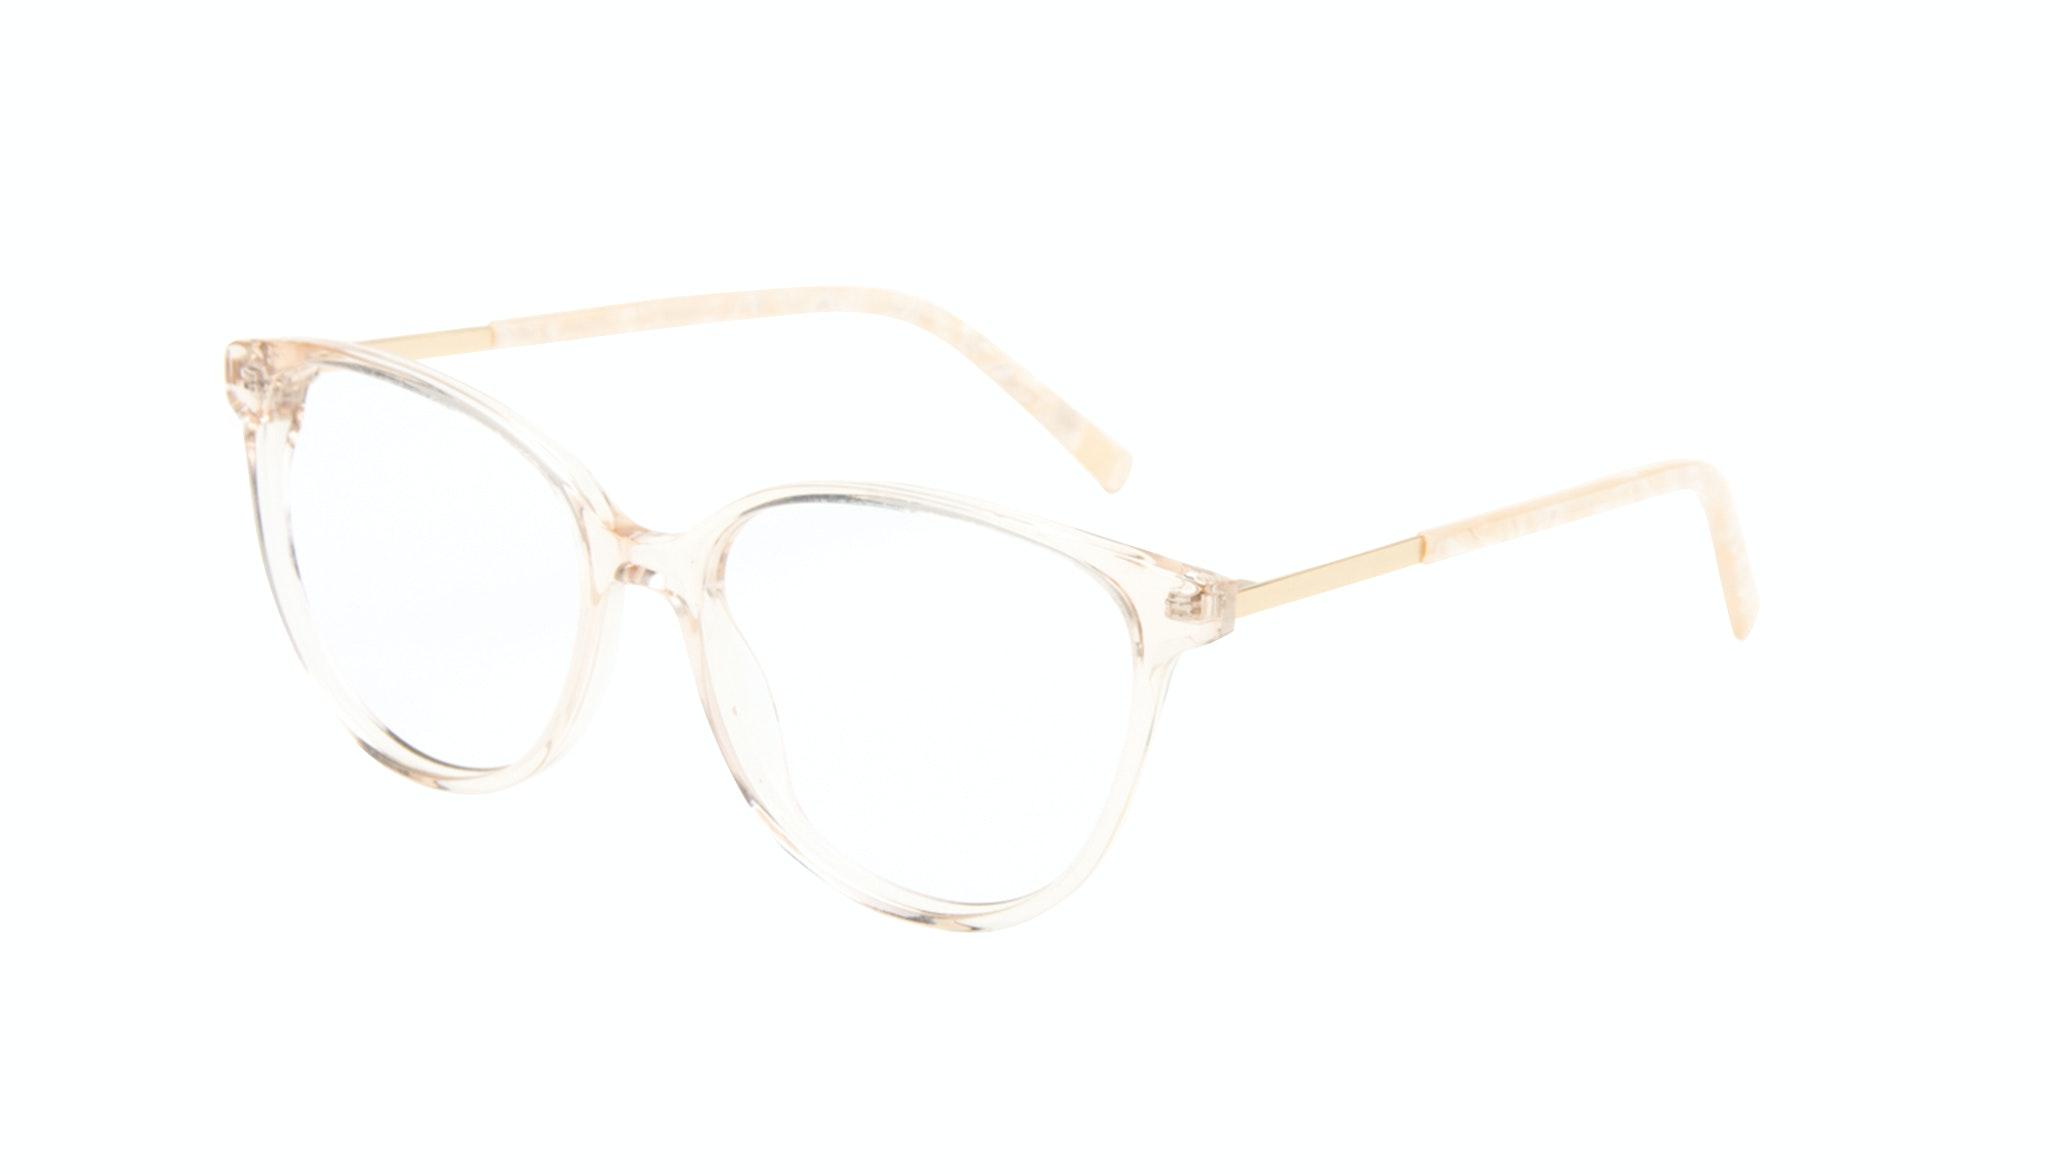 Affordable Fashion Glasses Cat Eye Eyeglasses Women Imagine II Golden Marble Tilt